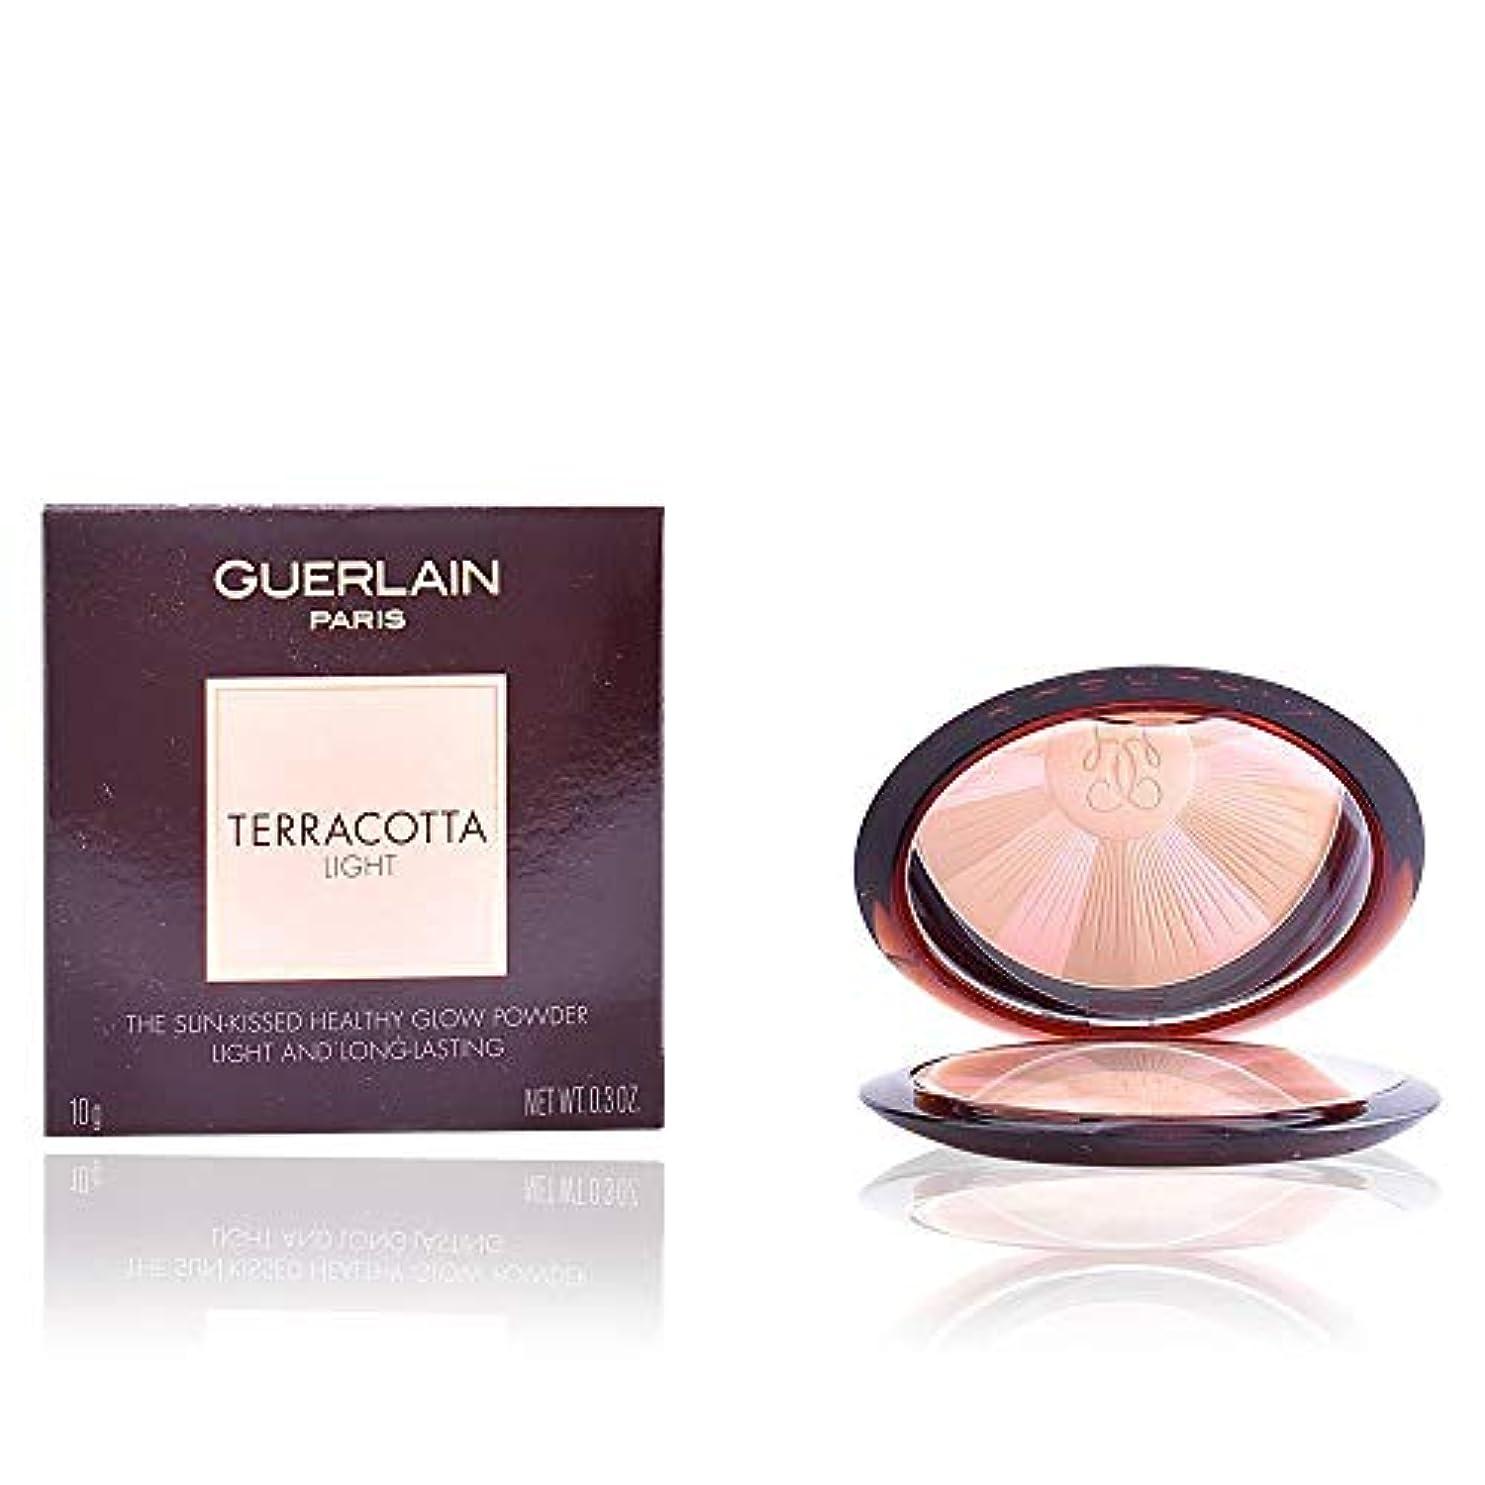 配管工生き返らせる罪悪感ゲラン Terracotta Light The Sun Kissed Healthy Glow Powder - # 03 Natural Warm 10g/0.3oz並行輸入品